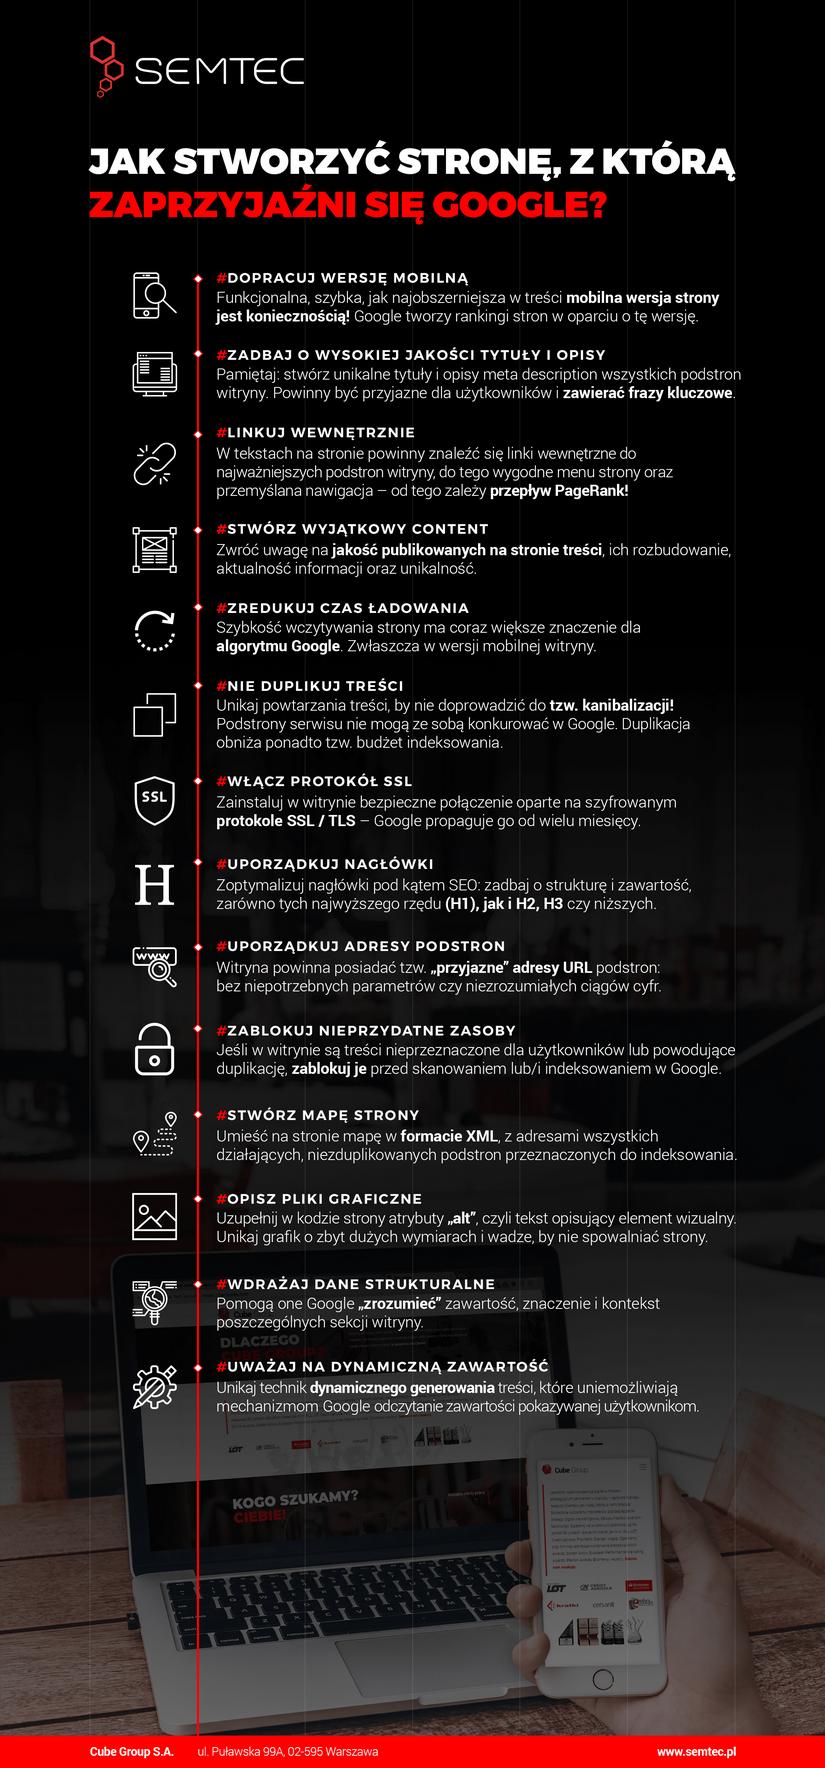 Tworzenie stron internetowych pod SEO - Infografika